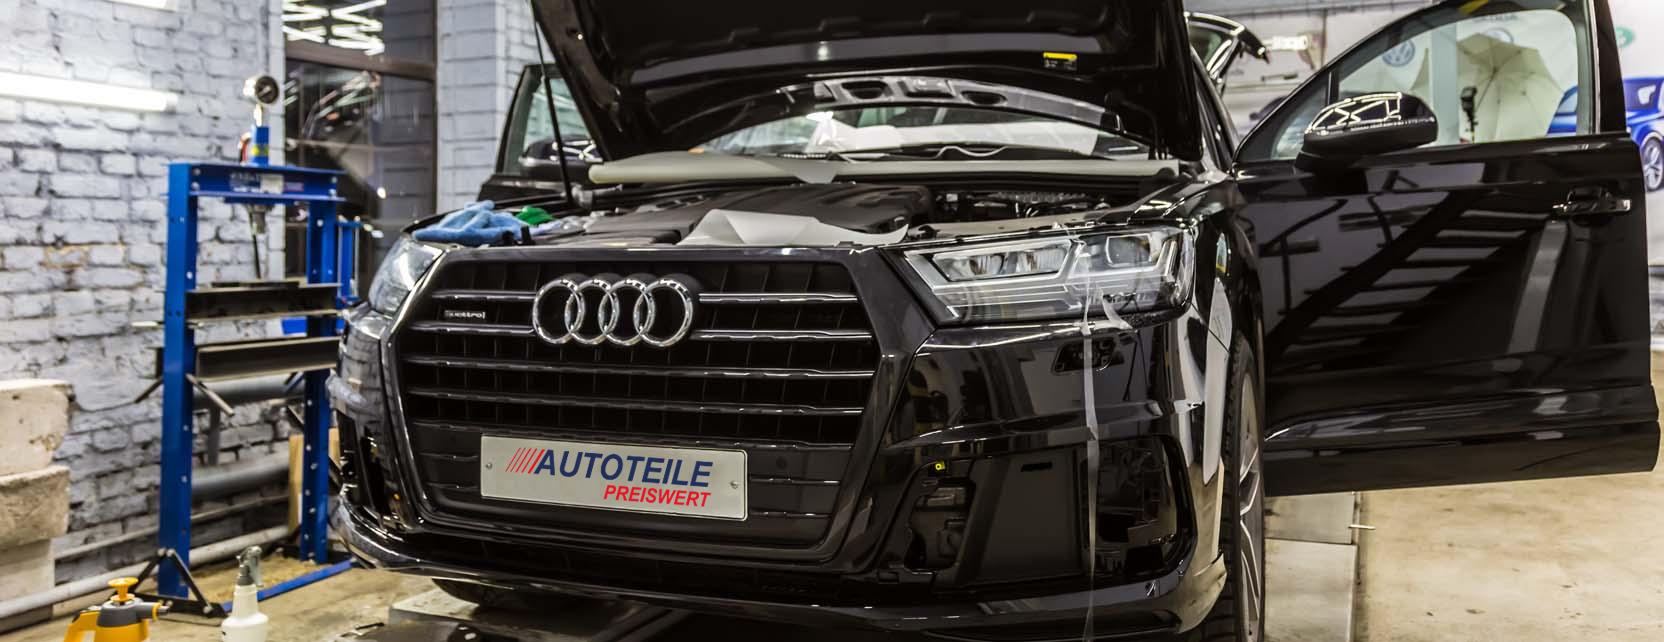 Audi Ersatzteile online kaufen bei Autoteile Preiswert